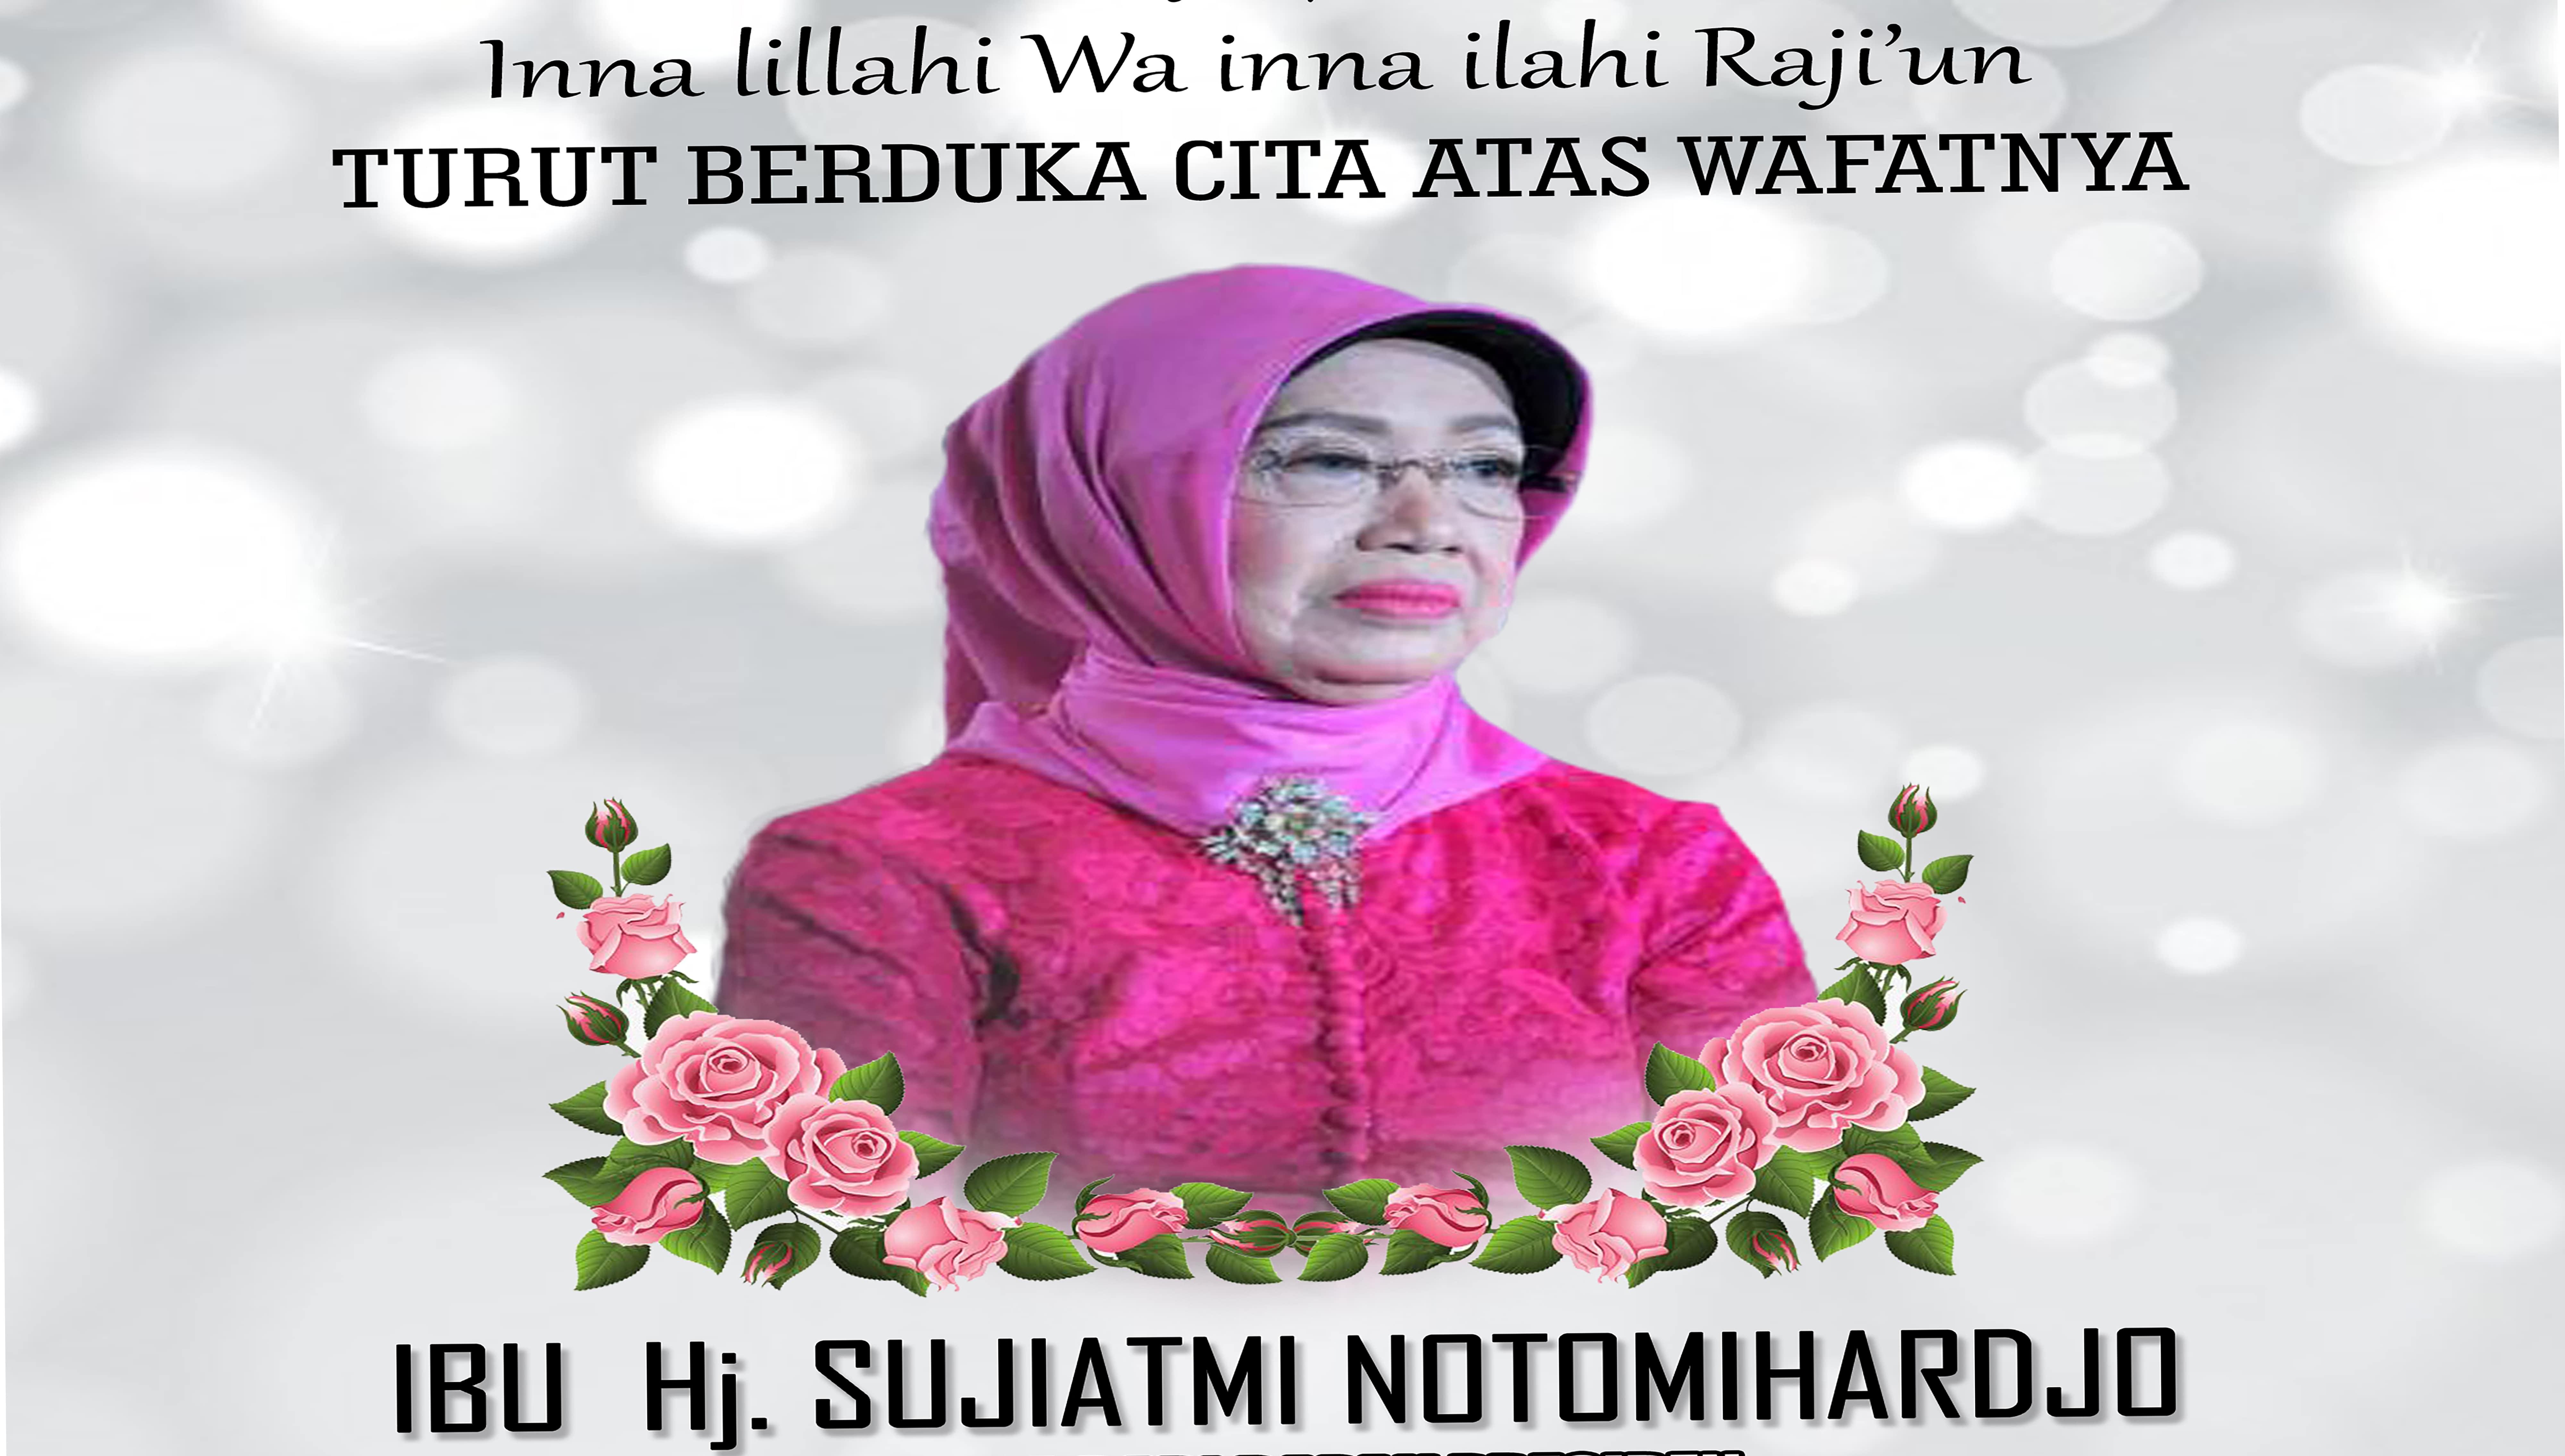 Turut Berduka Cita atas Meninggalnya Ibu Hj. Sujiatmi Notomihardjo